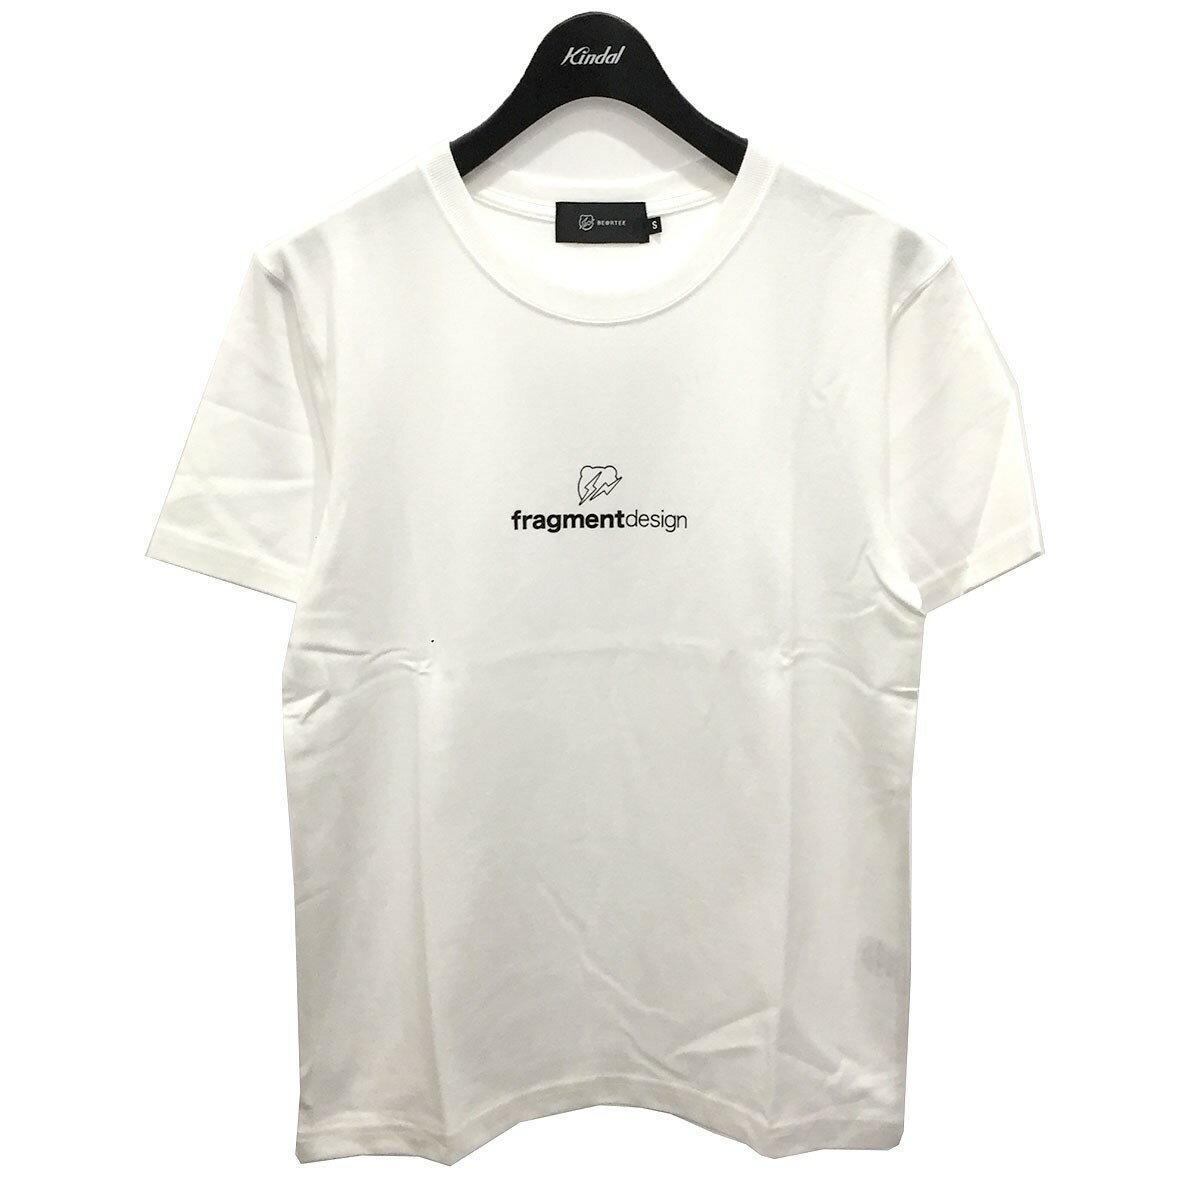 トップス, Tシャツ・カットソー FRAGMENT DESIGN BEARBRICK MEDICOM TOY EXHIBITION 2020 IN VIRTUAL T S 280821